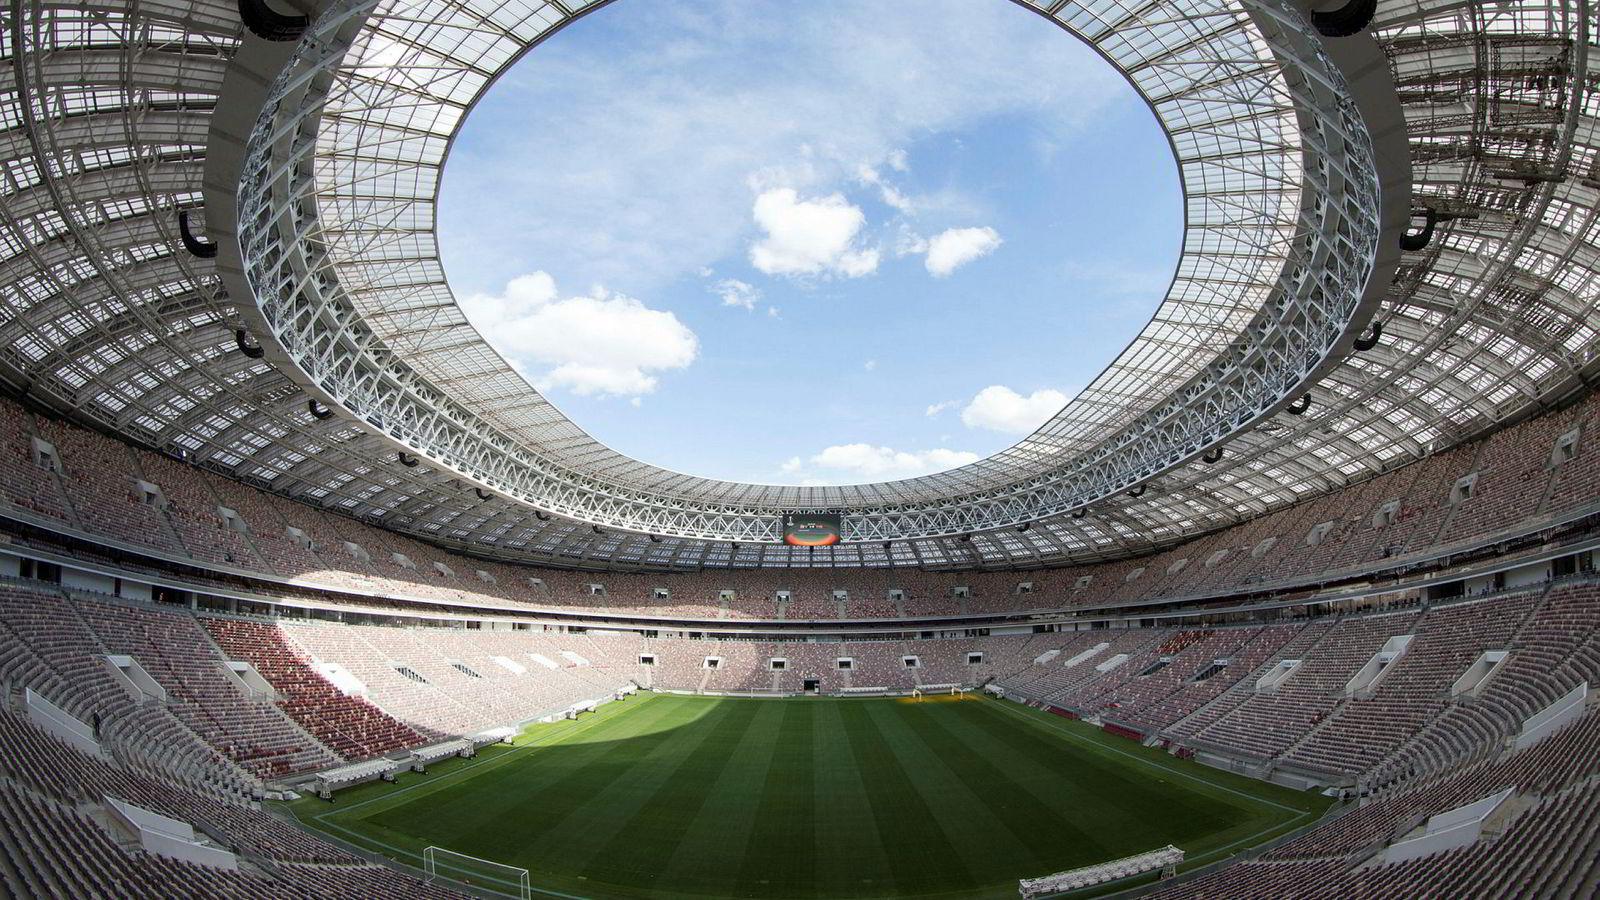 På denne stadion sparker vertsnasjonen Russland og motstander Saudi-Arabia i gang fotball-VM torsdag klokken 17:00 neste uke.